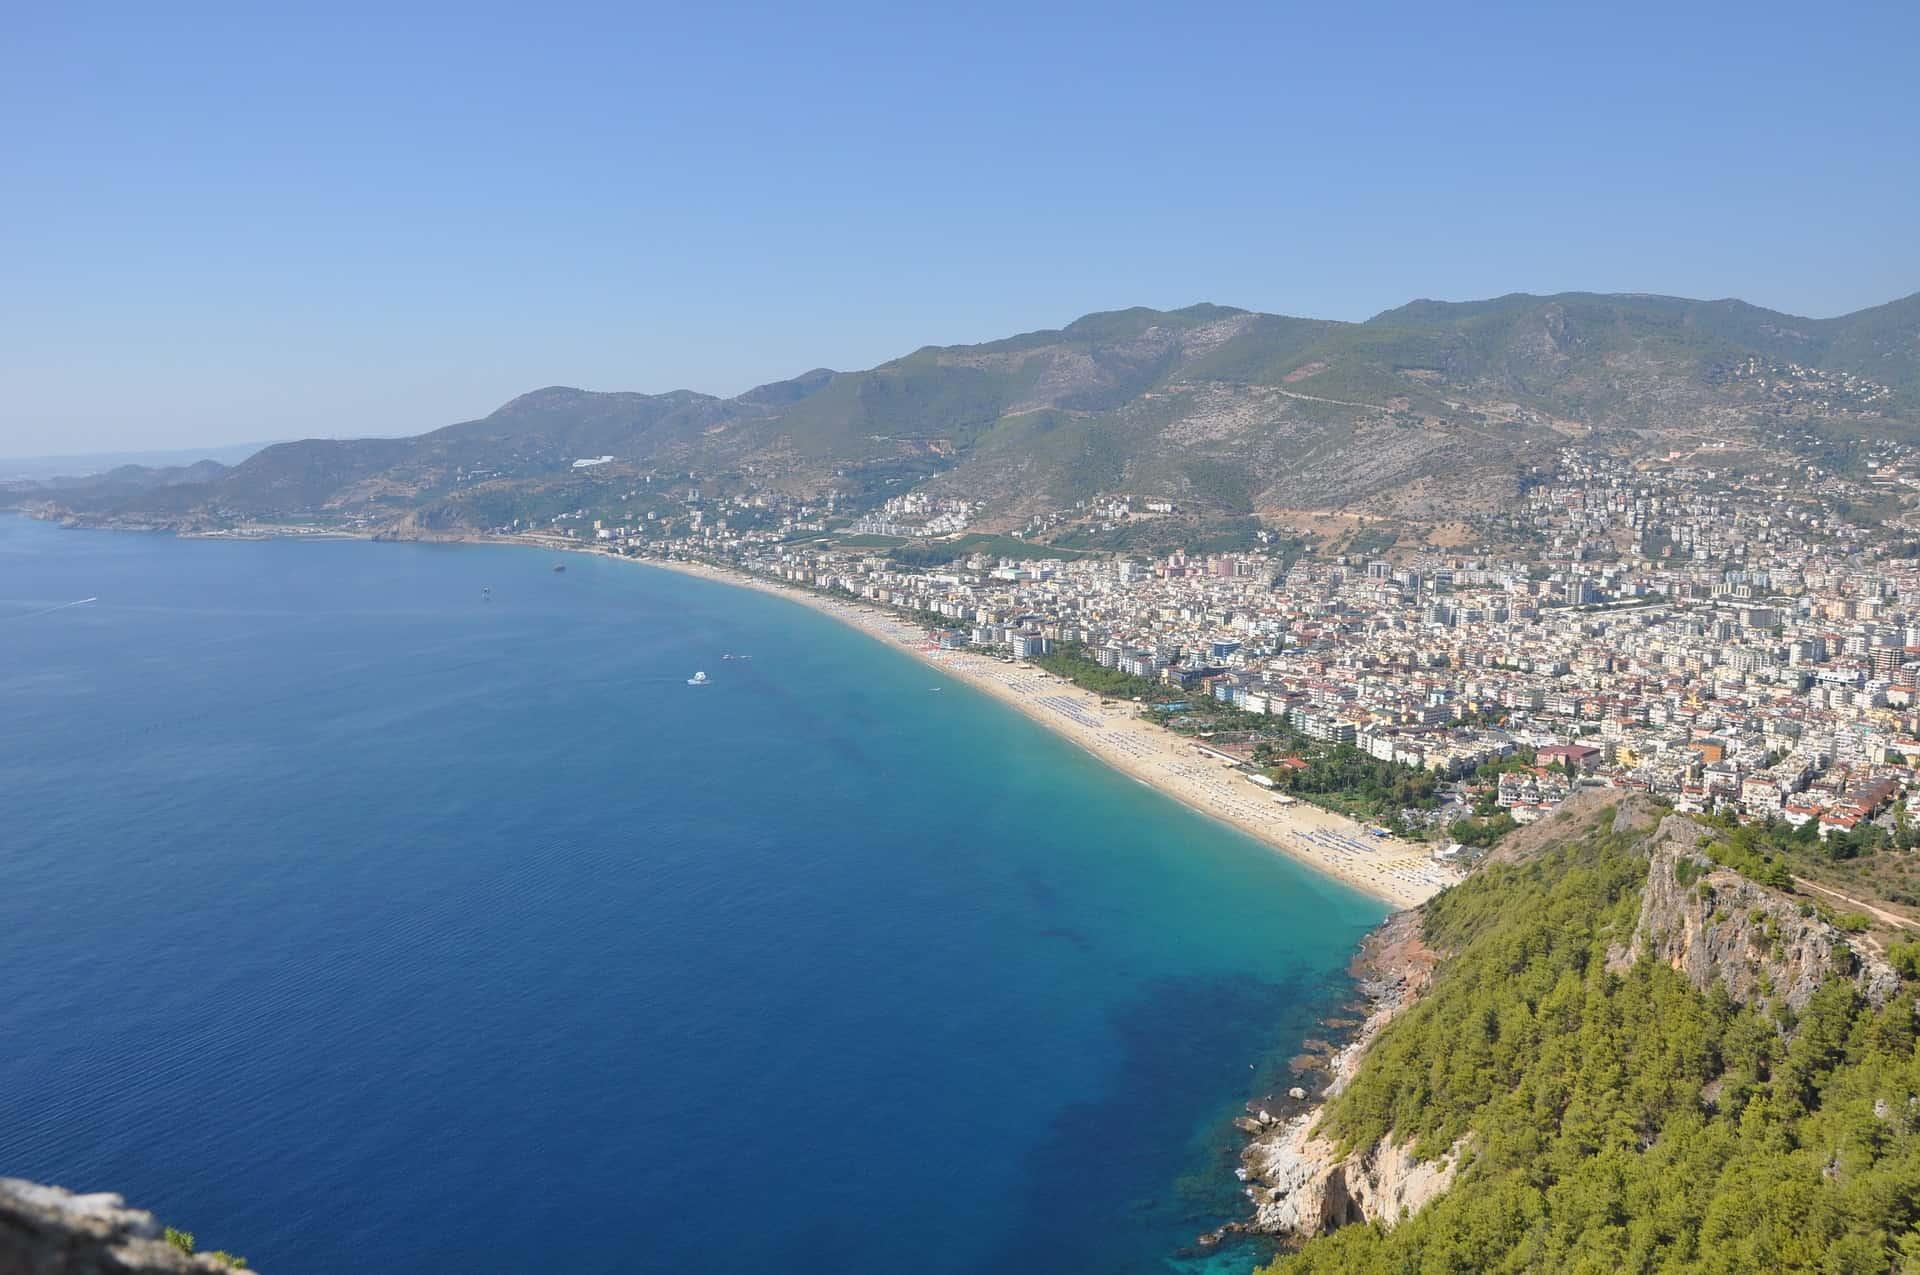 Türkeiurlaub - 2 Wochen Alanya nur 161,57€ Türkei Deal